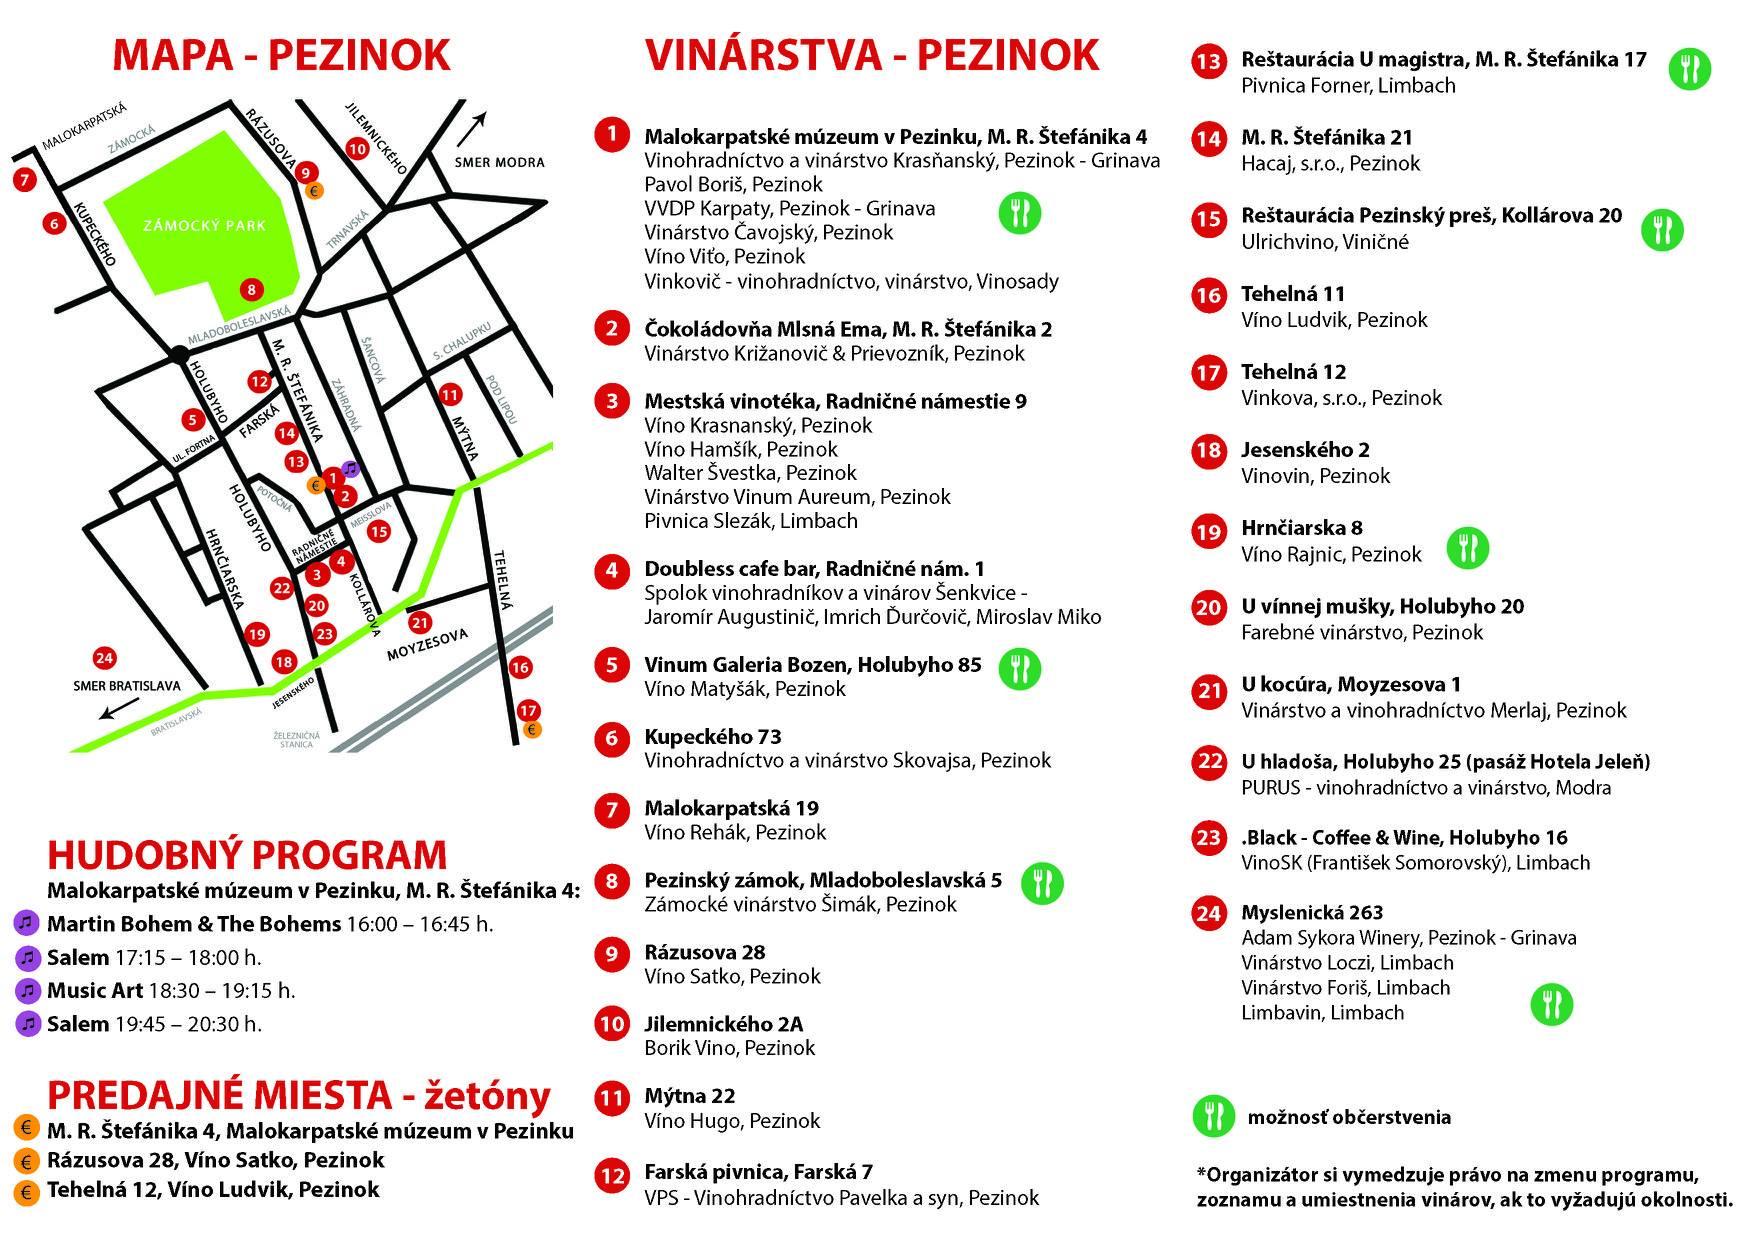 Pezinské vínne pivnice 2020 mapa